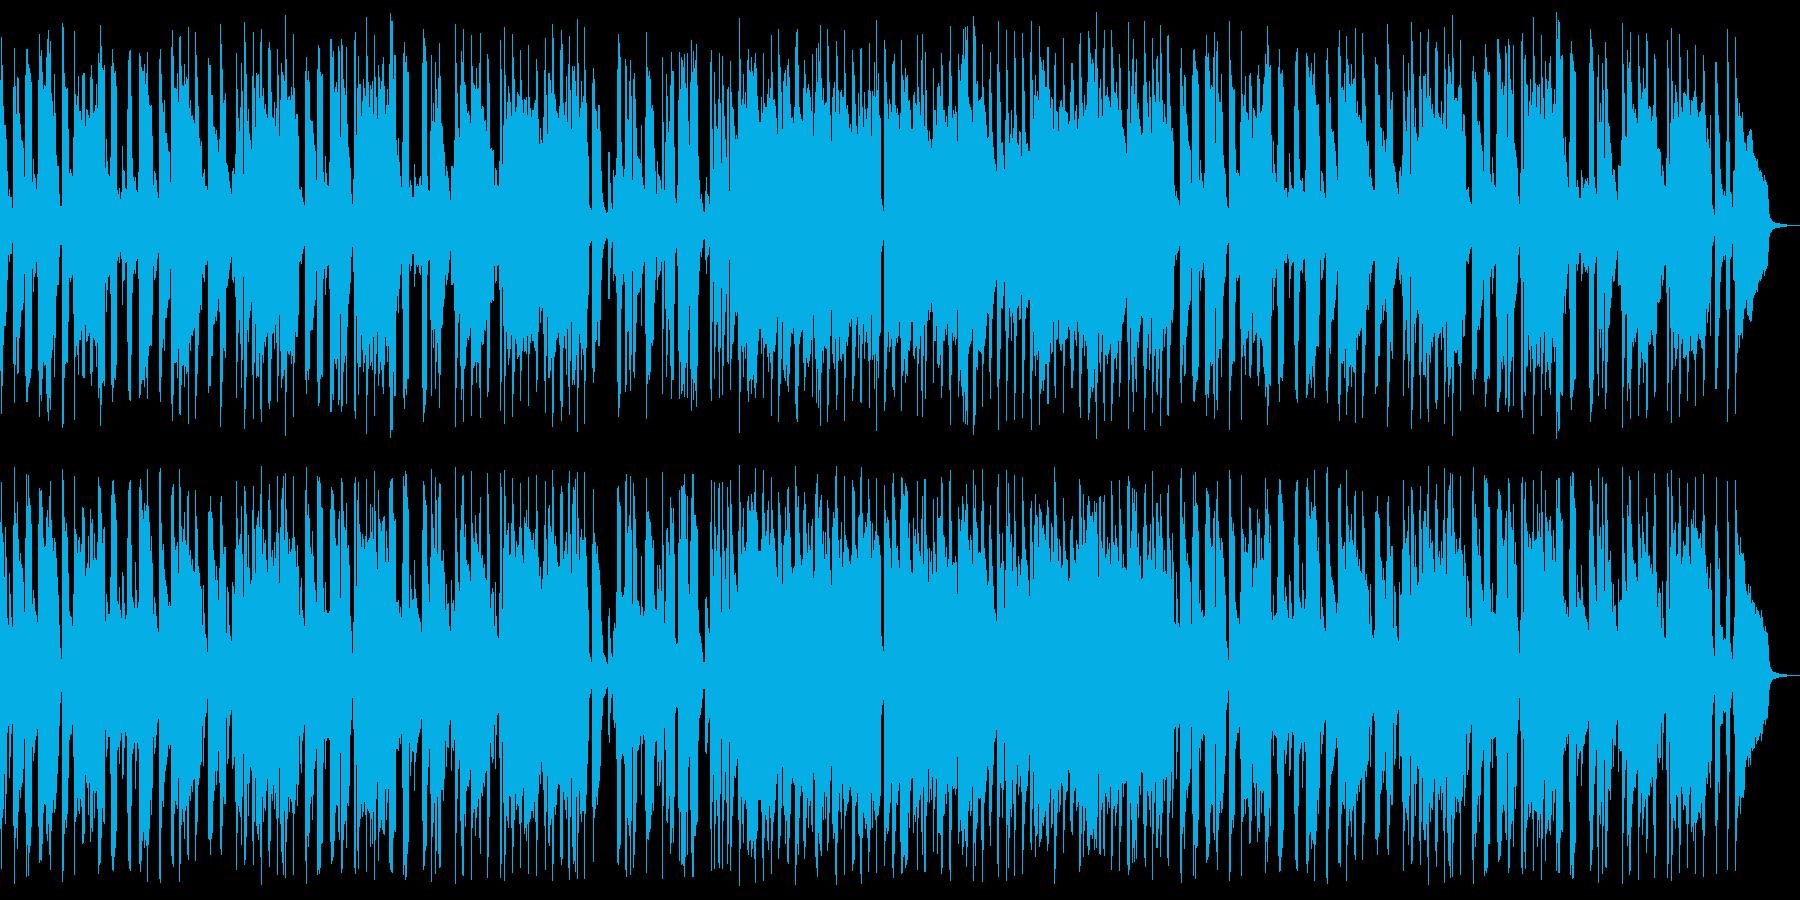 ジャズピアノ3拍子のブルースの再生済みの波形